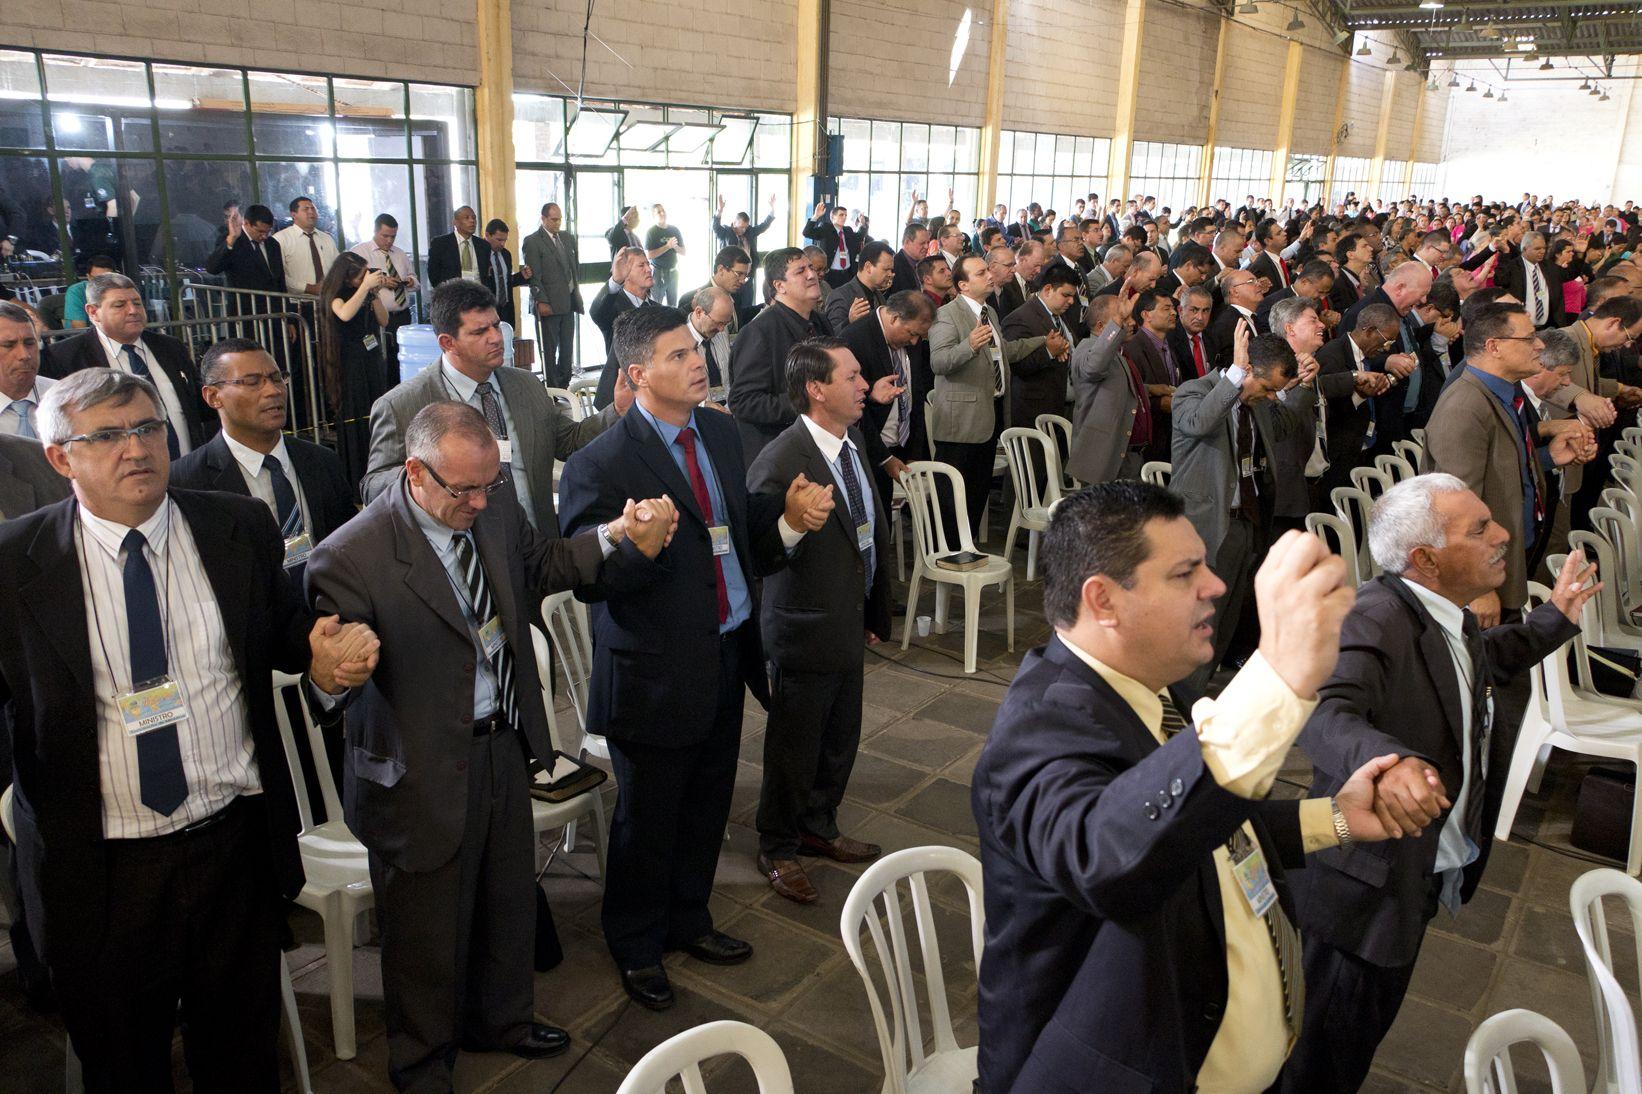 Congresso Geral 2016 - 2º Dia - 26.03.2016 (6)